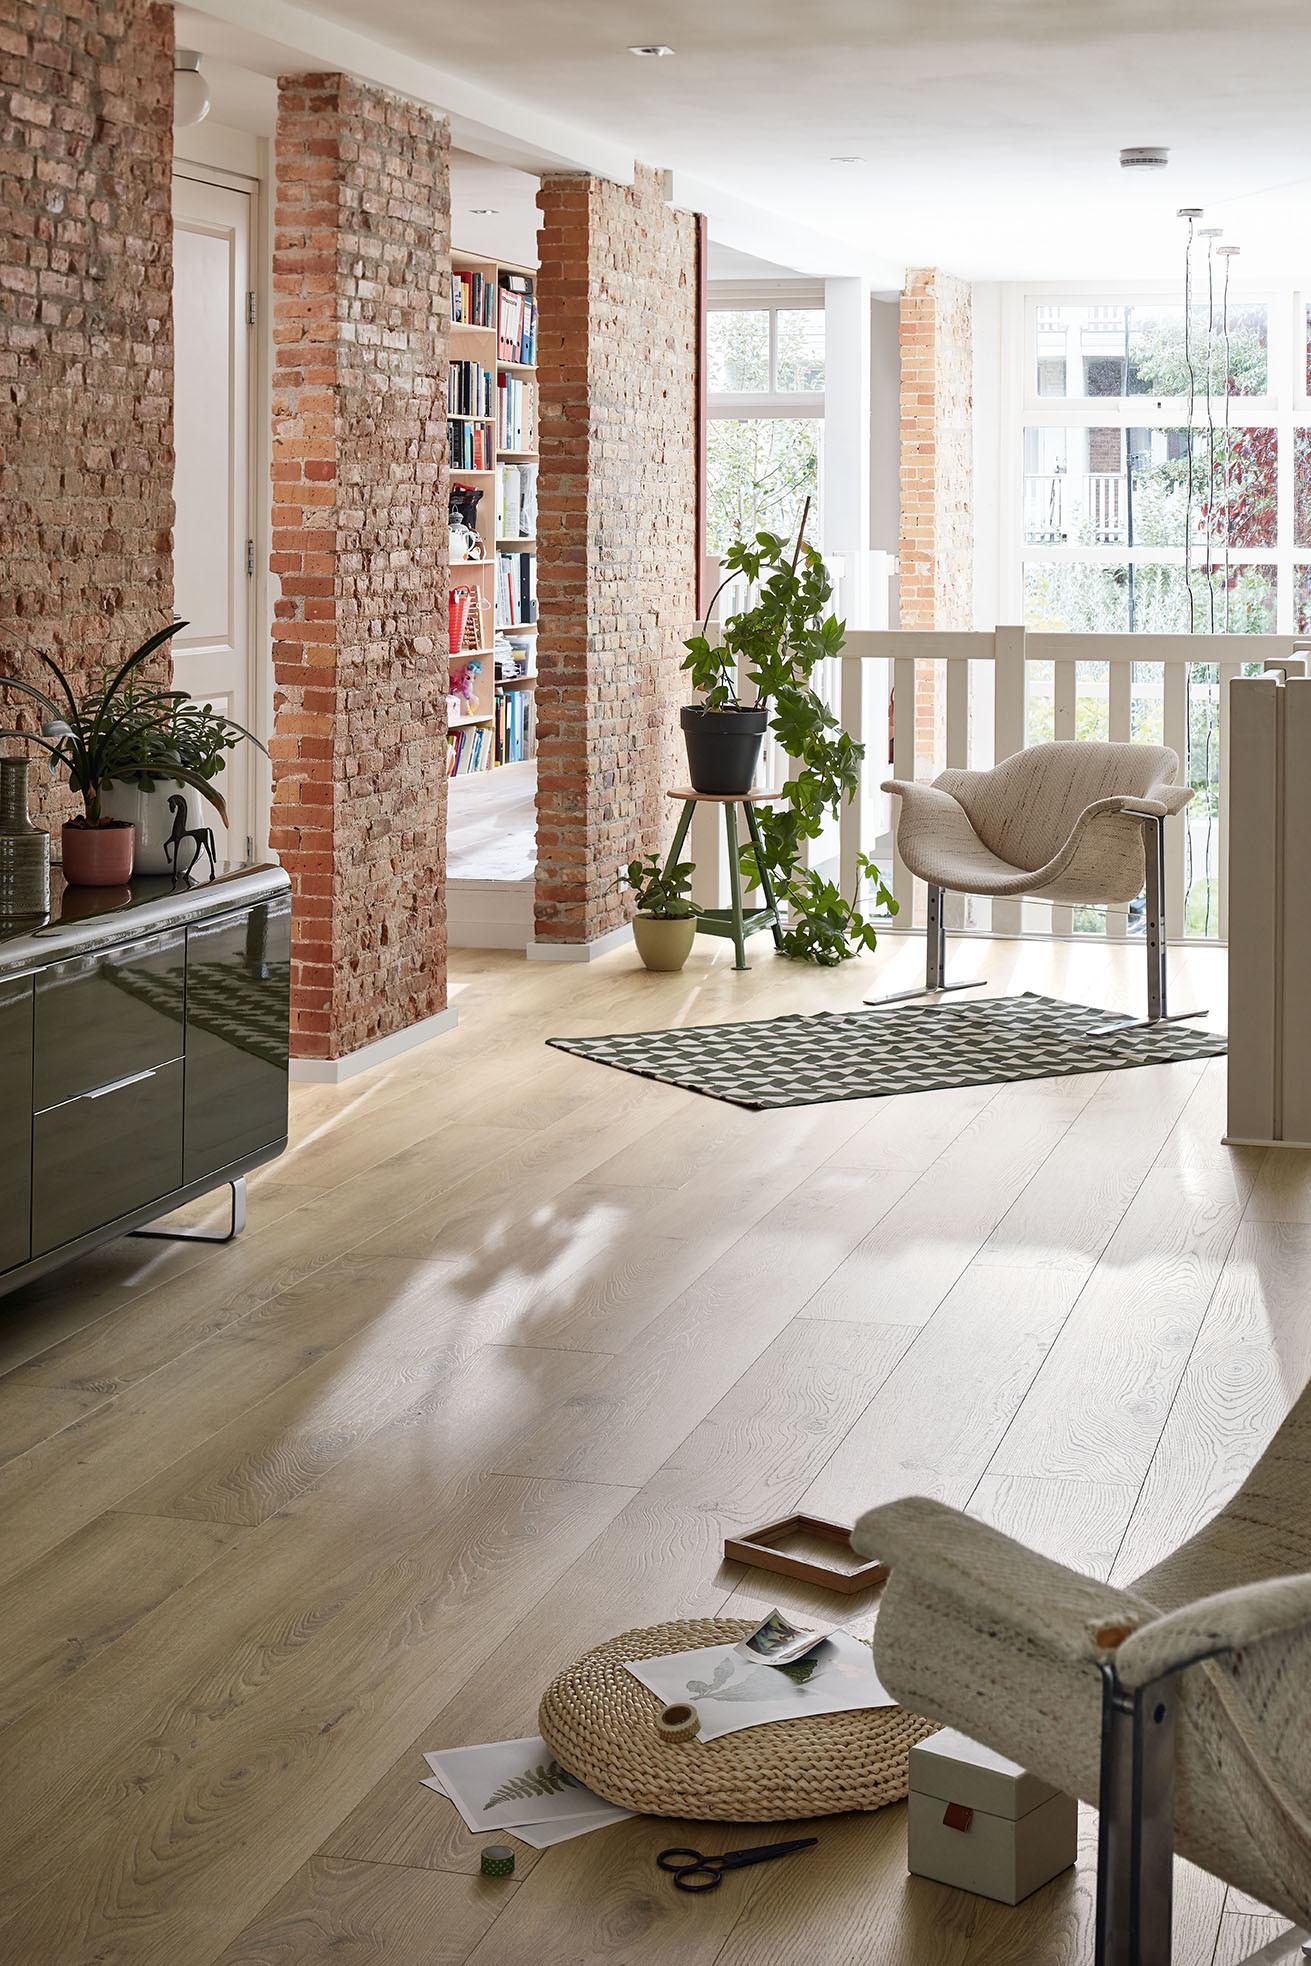 Designboden von MEISTER für gesundes und schönes Wohnen